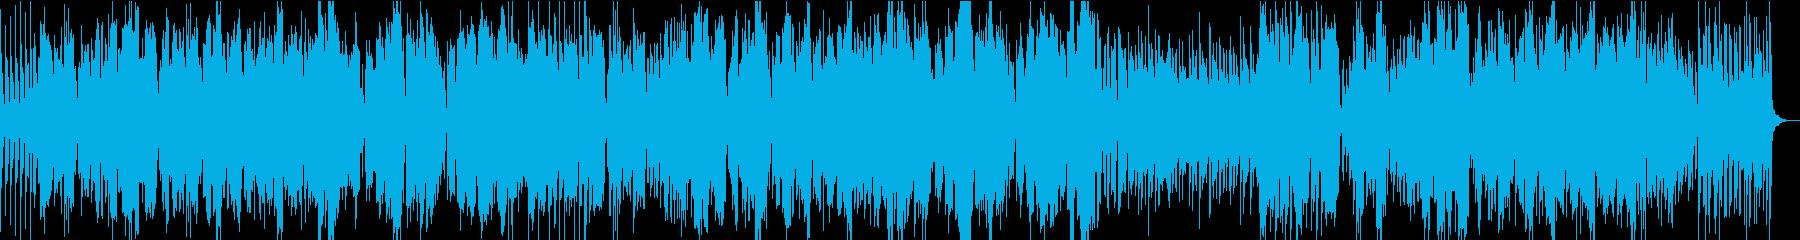 アコーディオン+バイオリンのシャンソン風の再生済みの波形